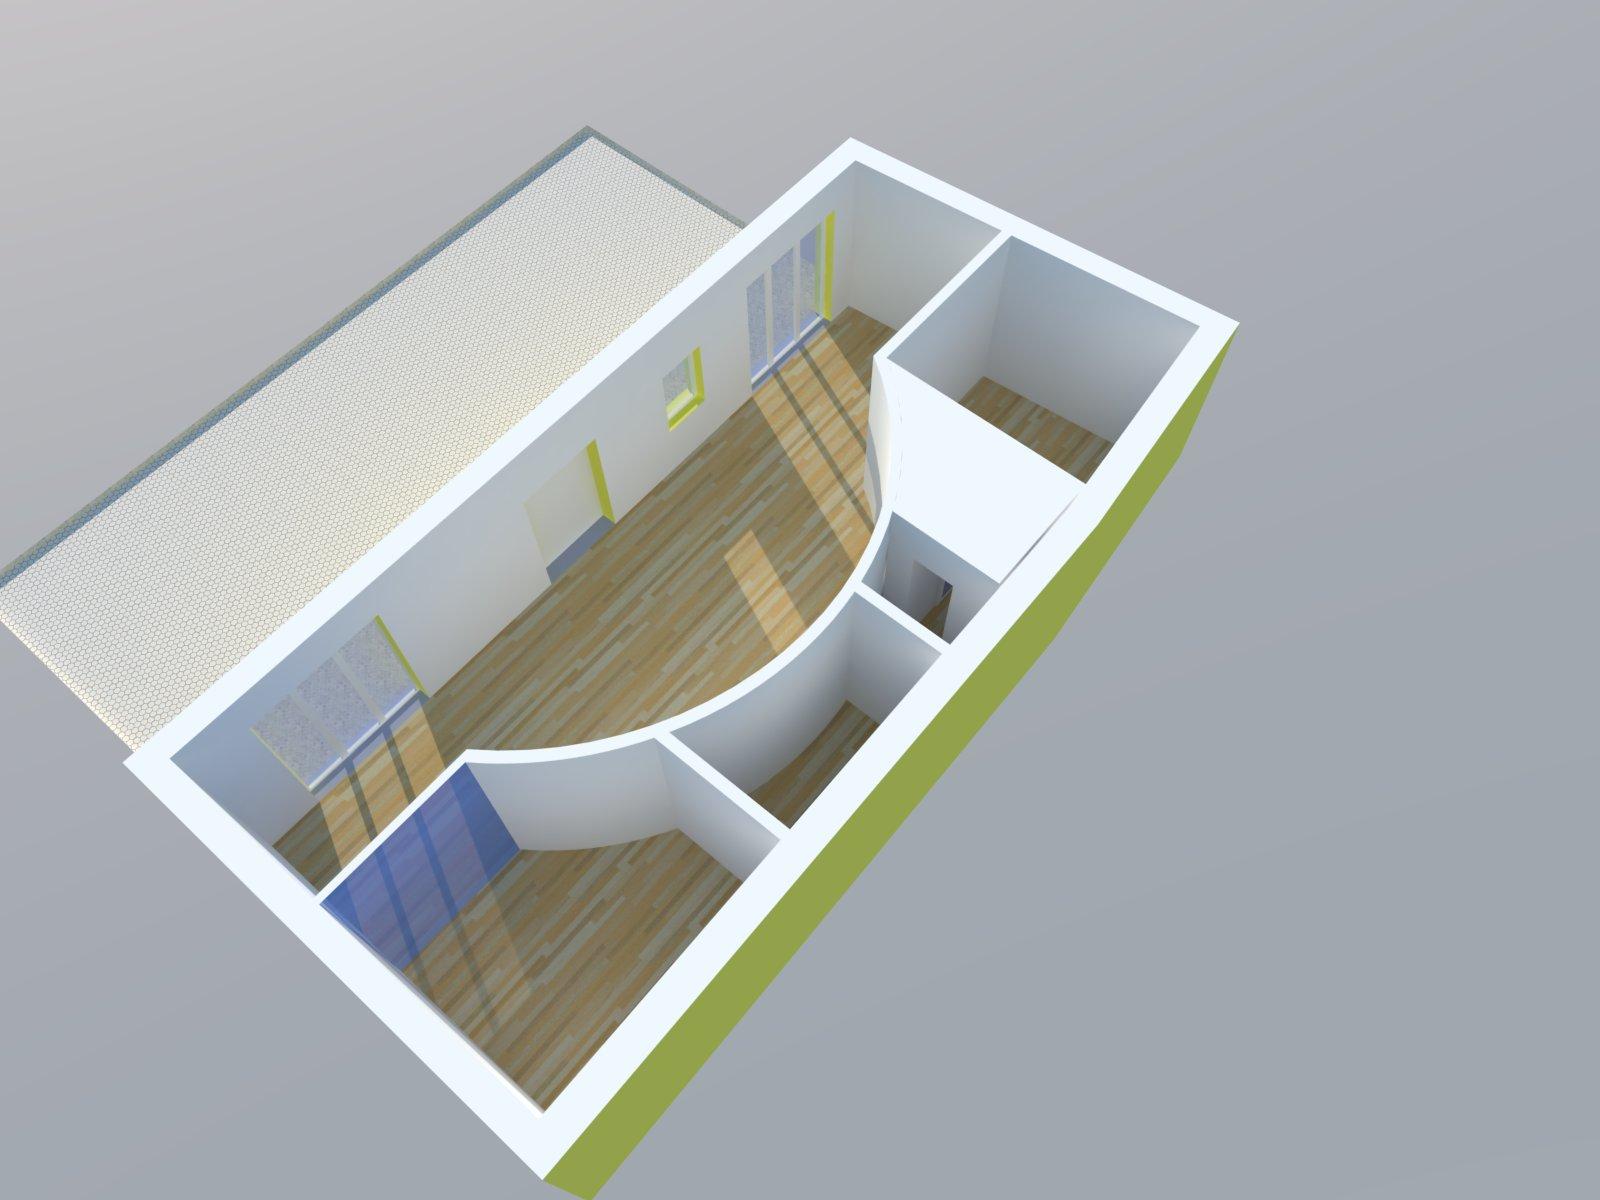 Ristrutturazione edilizia di unità abitativa in abitazione residenziale, Monticello d'Alba (CN)